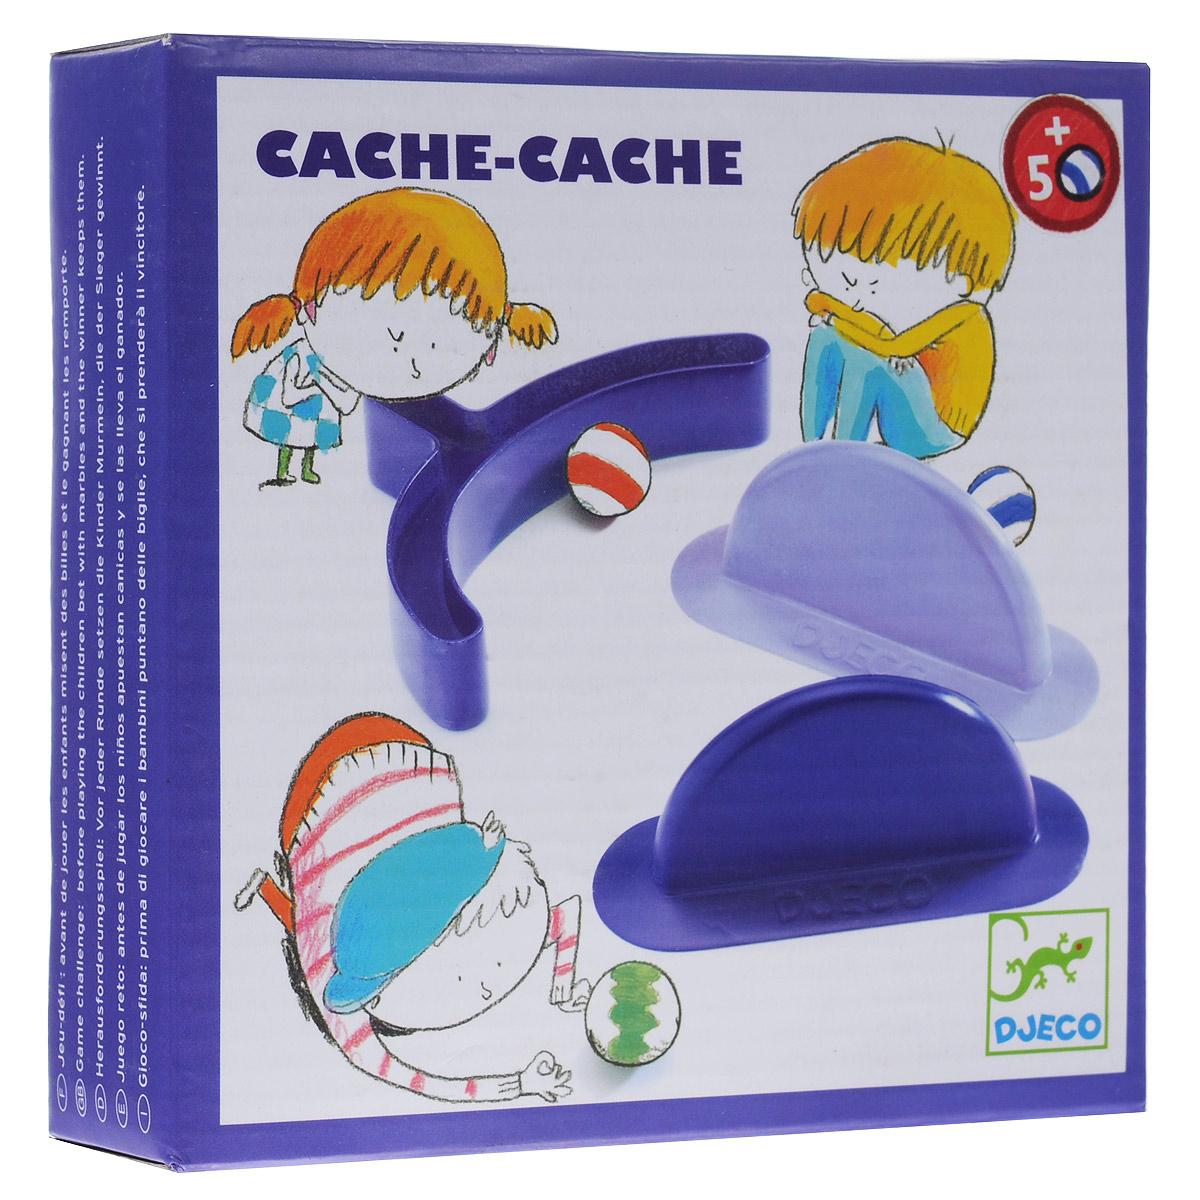 Djeco Настольная игра Каш-Каш02104Настольная игра Djeco Каш-Каш - позволит испытать свою ловкость и способности стратега. Первый игрок закрывает свой шарик стенкой, а другой игрок пытается изменить положение шарика соперника, не видя его, сталкивая своим шариком стенку. В комплект игры входят три пластиковые стенки для игры, пять цветных стеклянных шариков, а также текстильный мешочек на кулиске для хранения и переноски игры. Игра развивает ловкость, глазомер, координацию, внимание, логику, мелкую моторику.